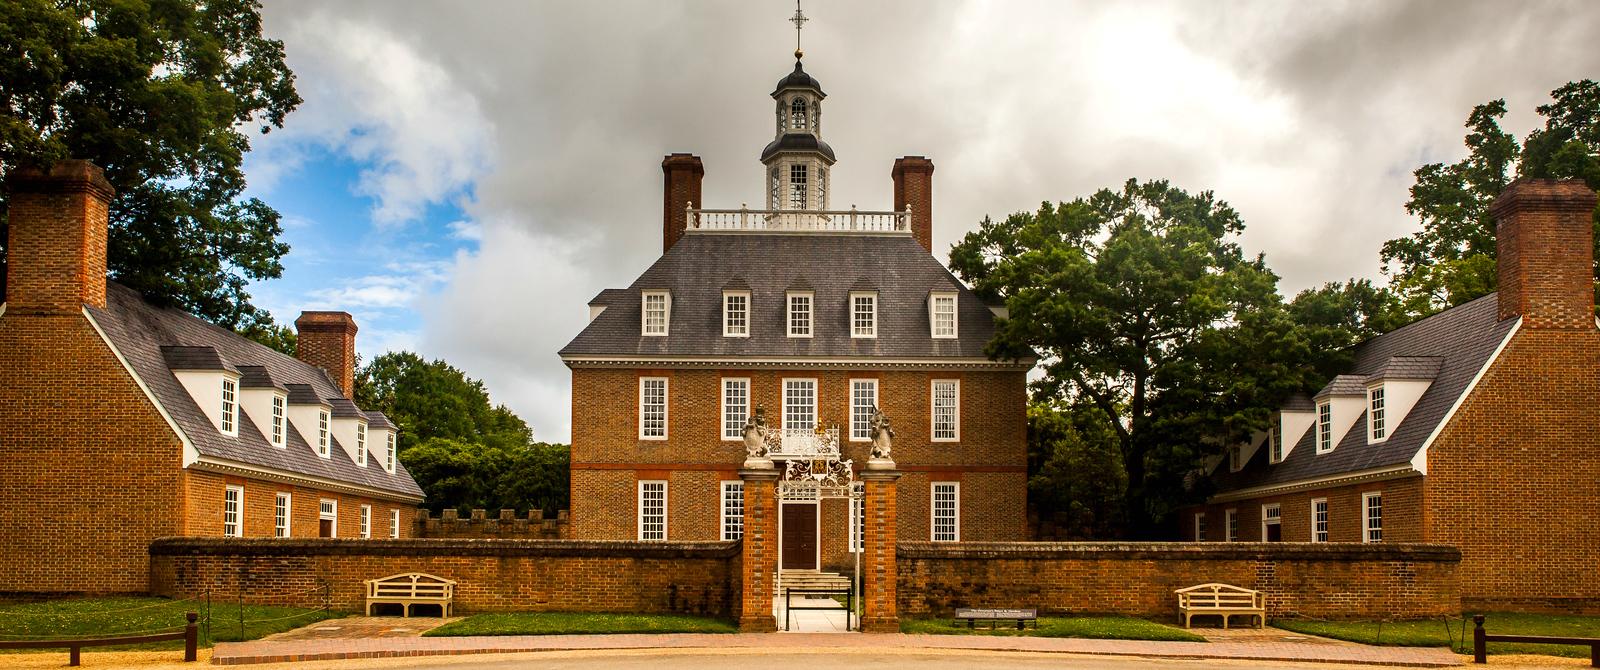 威廉斯堡,在美国最早的英国殖民地